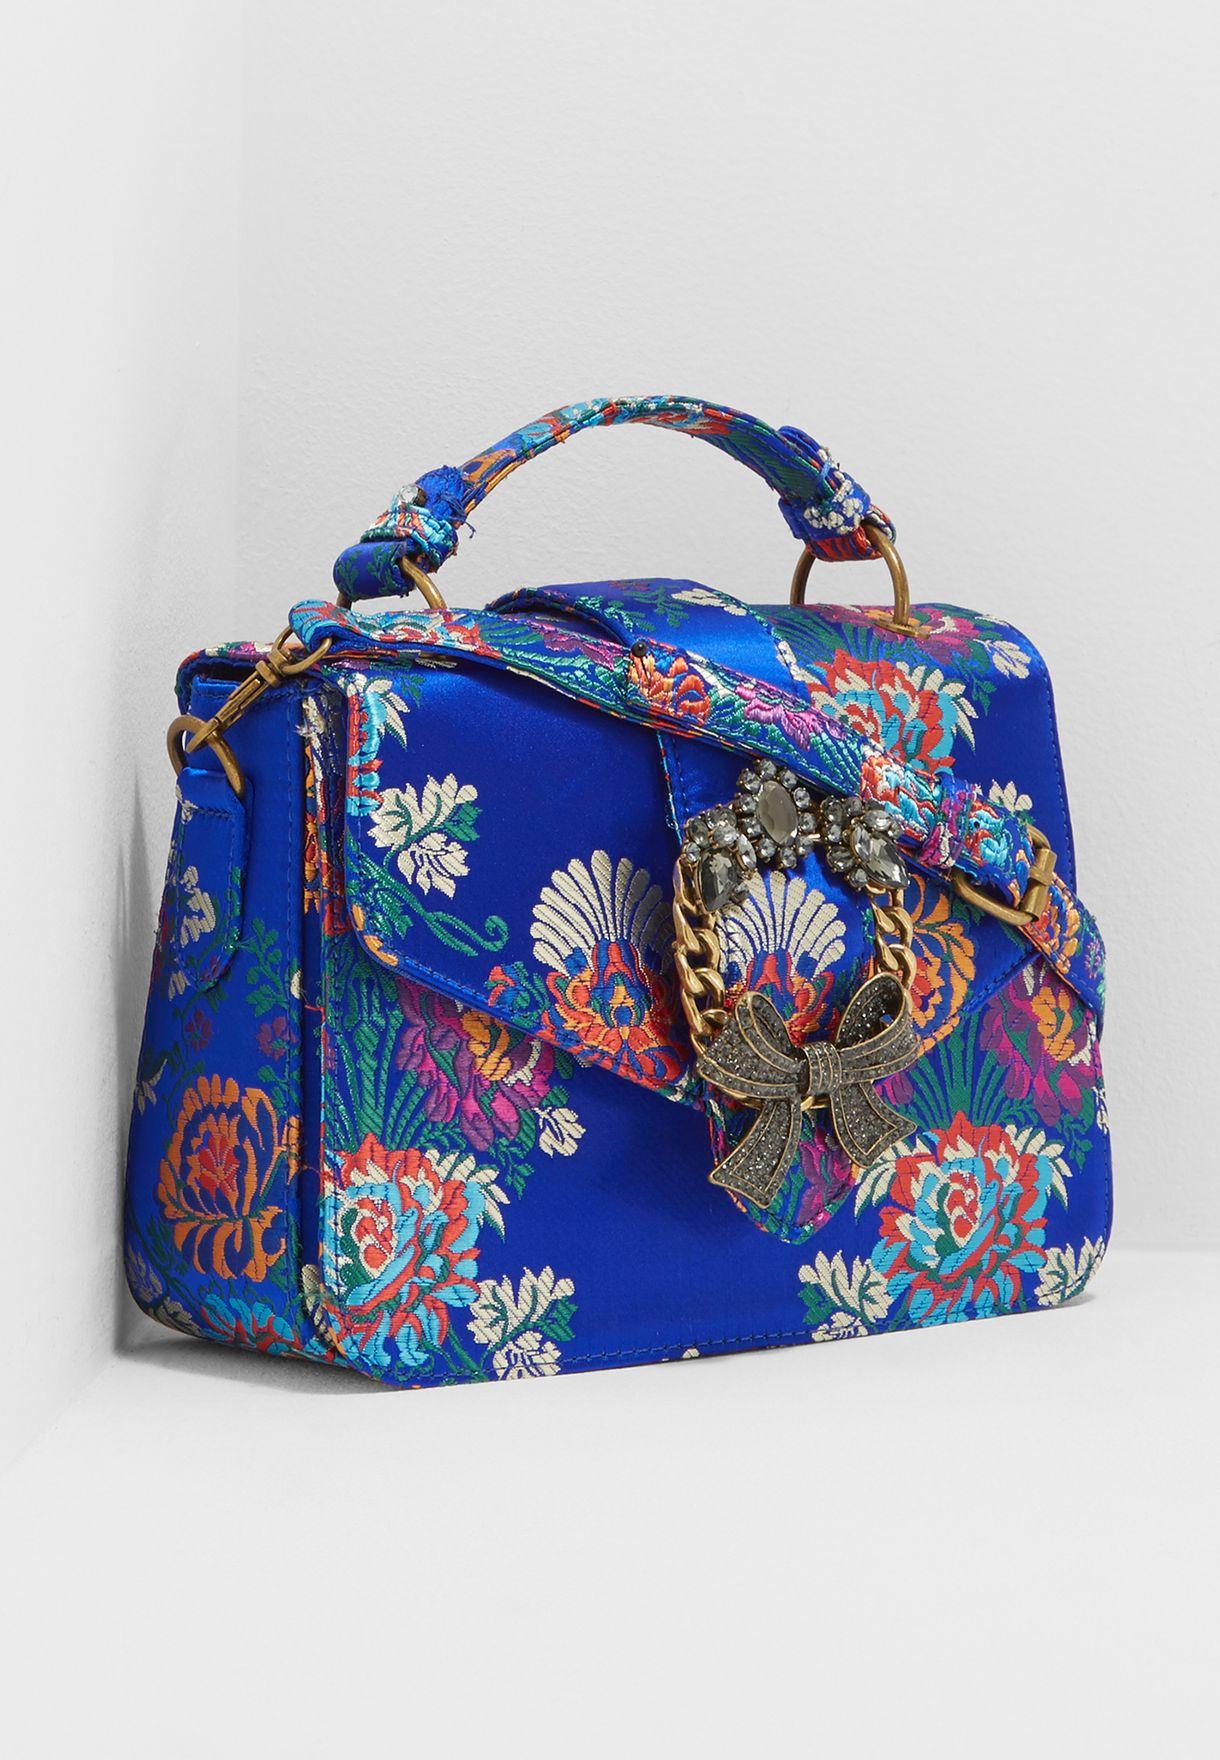 96faac42970 Shop Aldo blue Telawen Satchel TELAWEN8 for Women in Globally ...